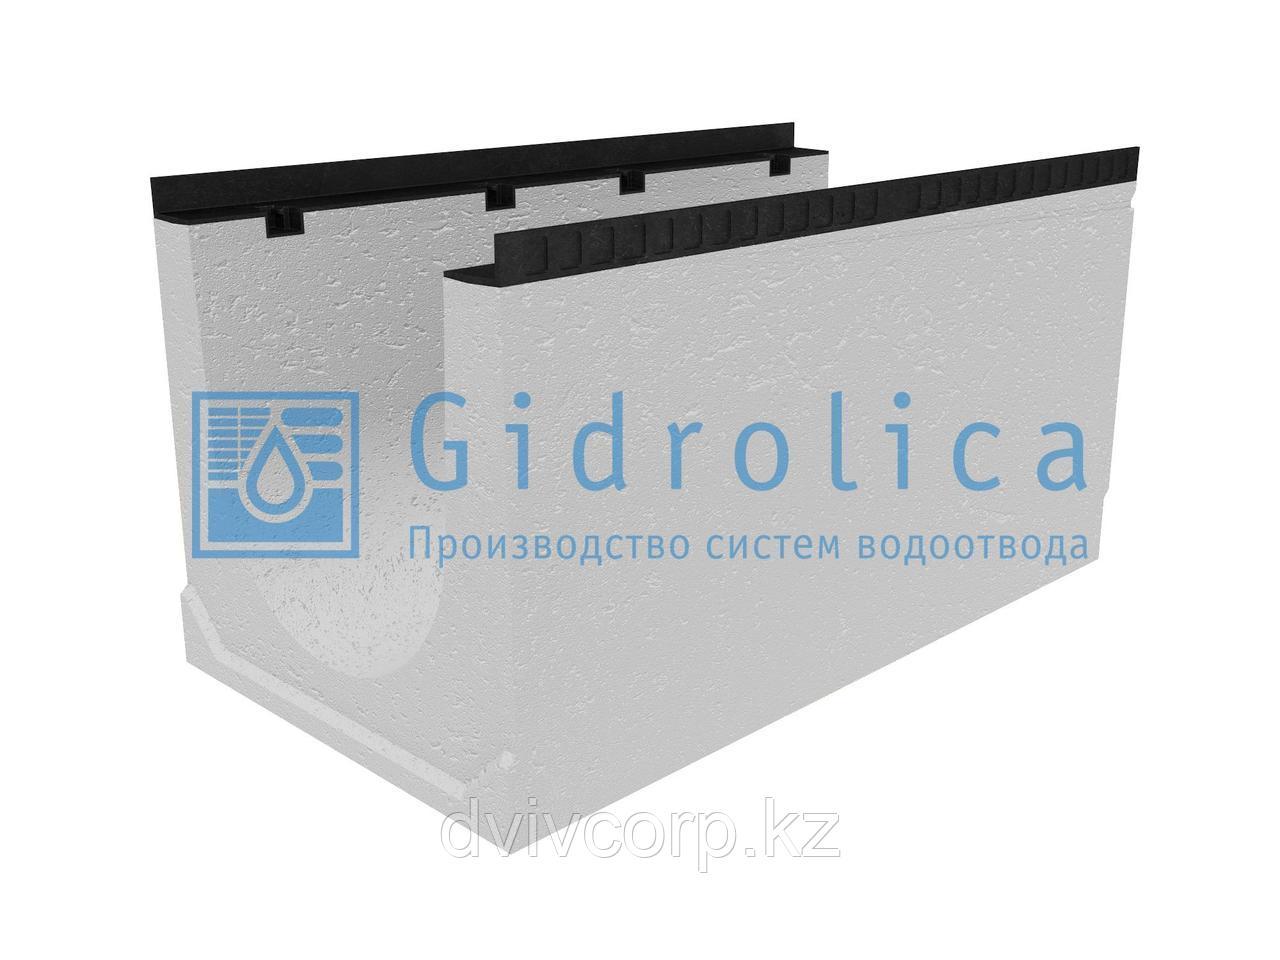 Лоток водоотводный бетонный коробчатый (СО-400мм), с уклоном 0,5%  КUу 100.54(40).54(46) - BGМ, № 18